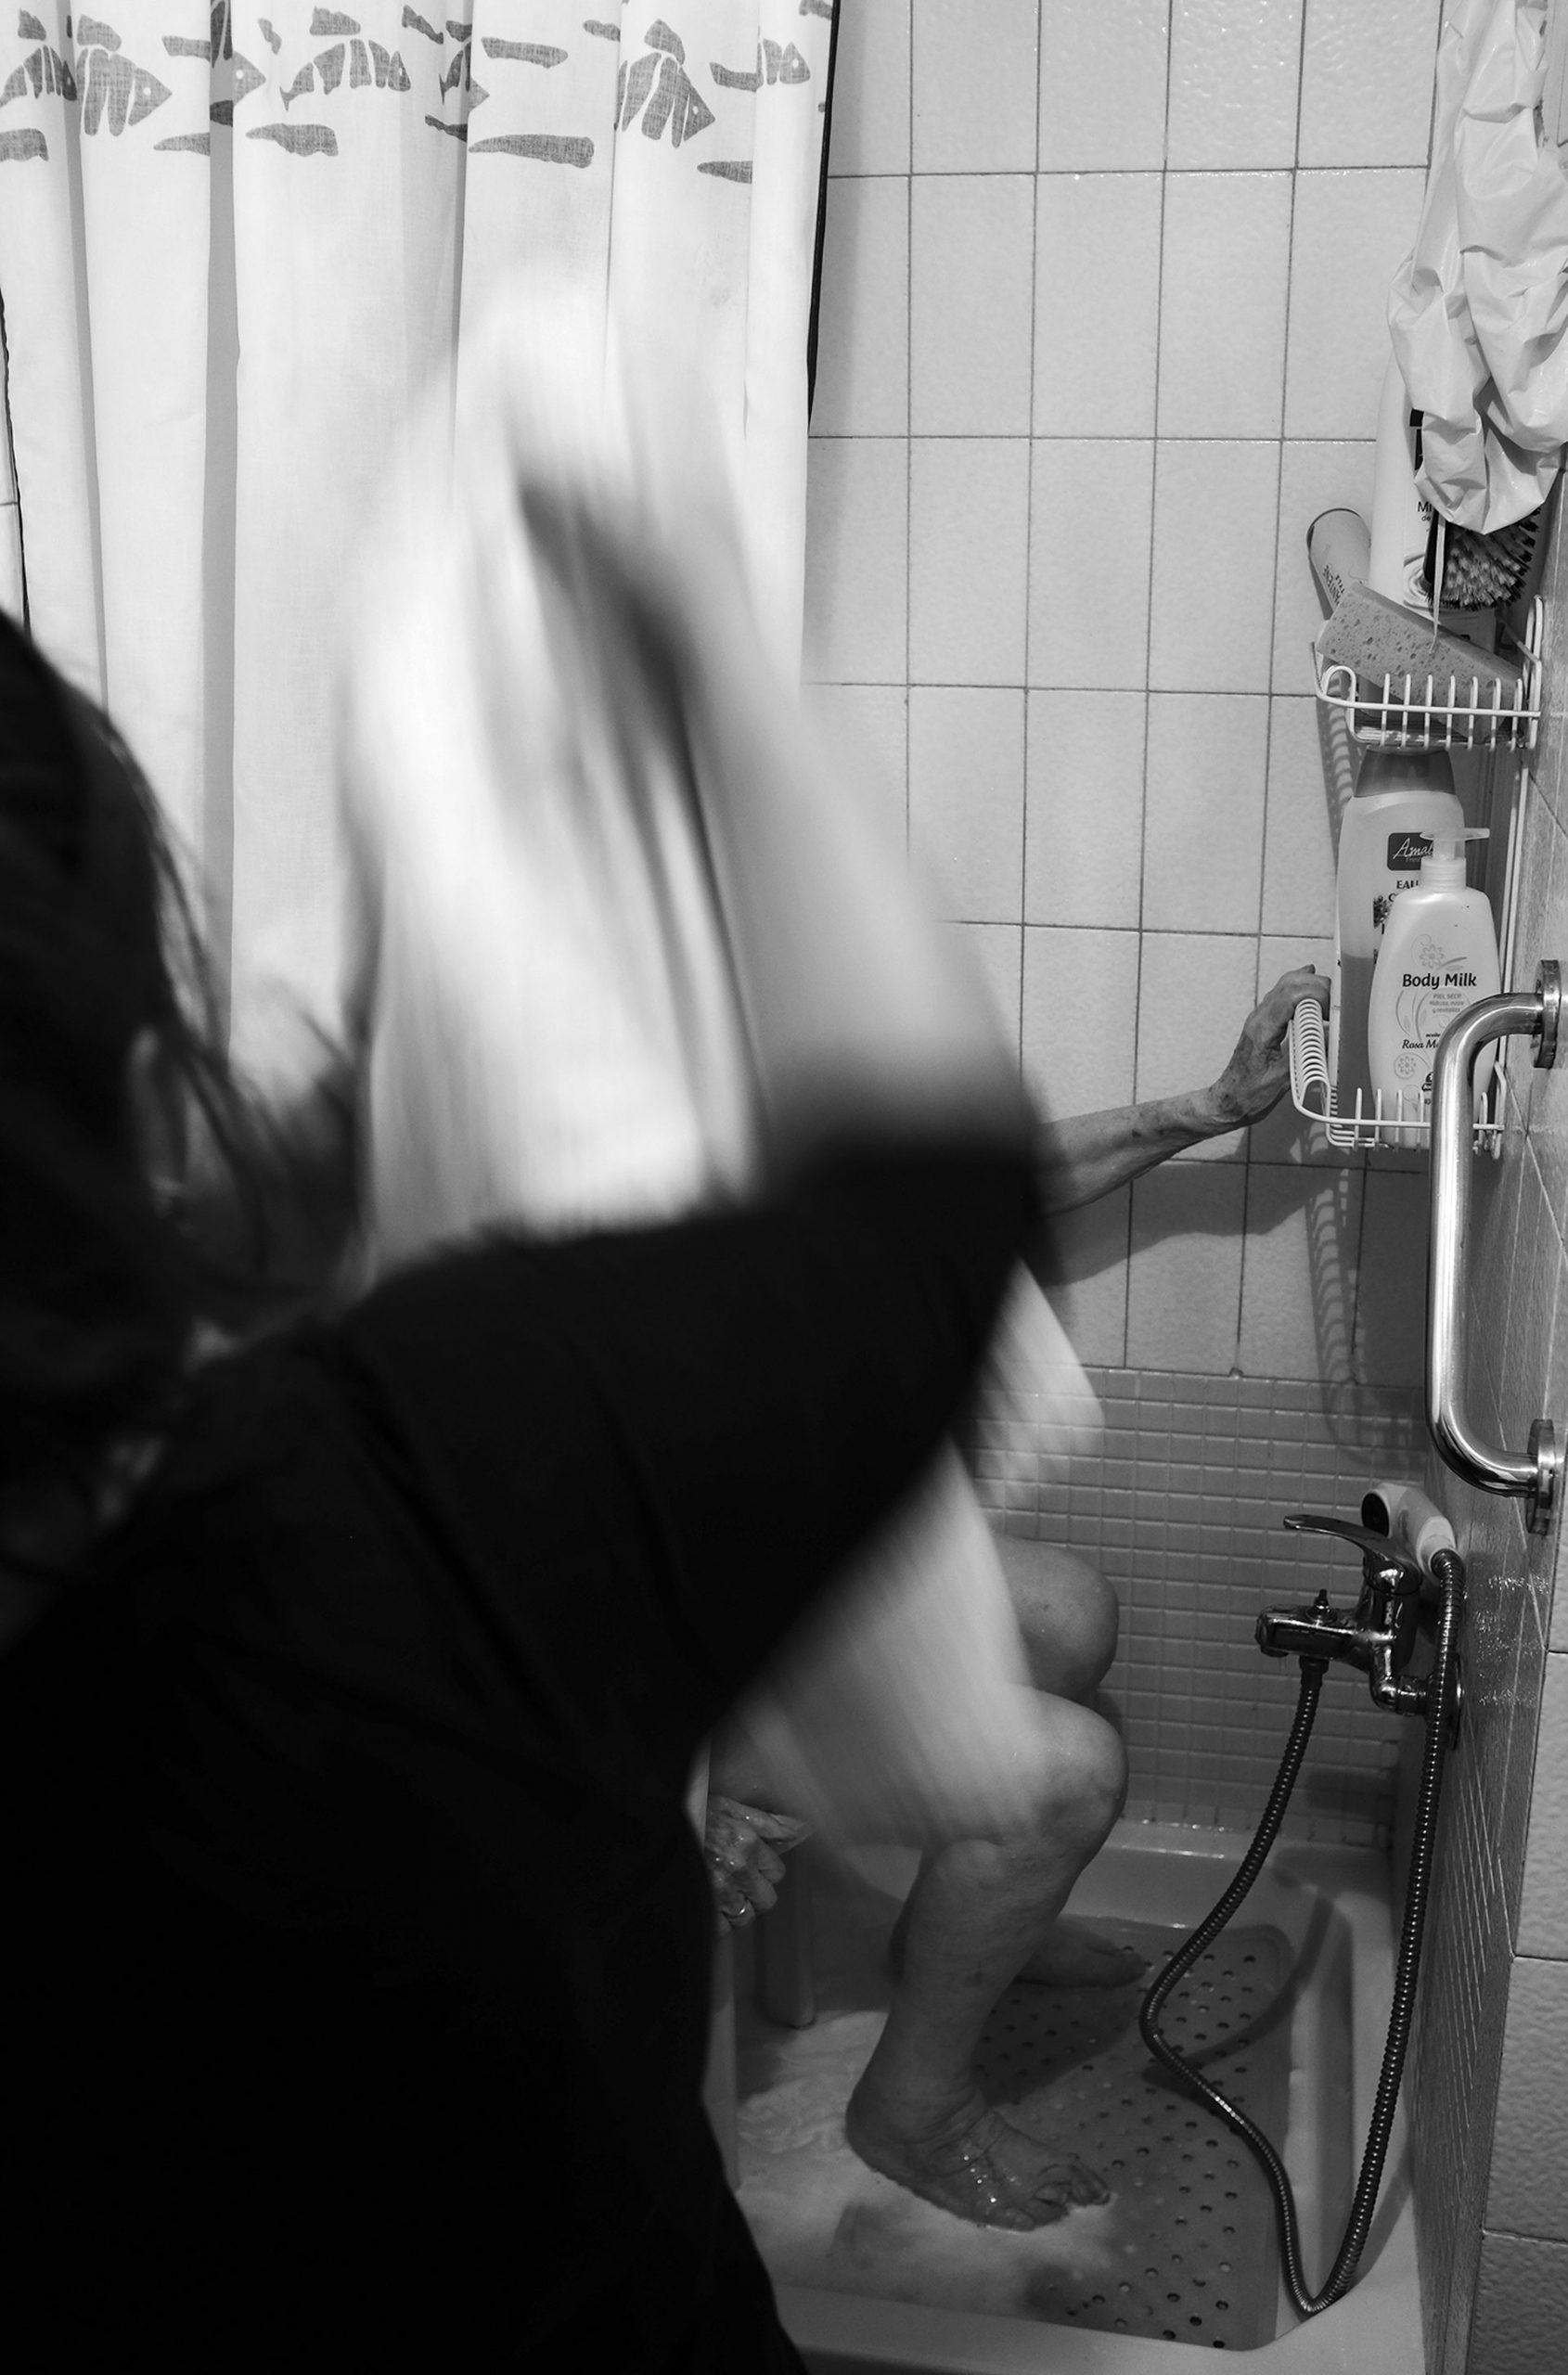 Baño diario.